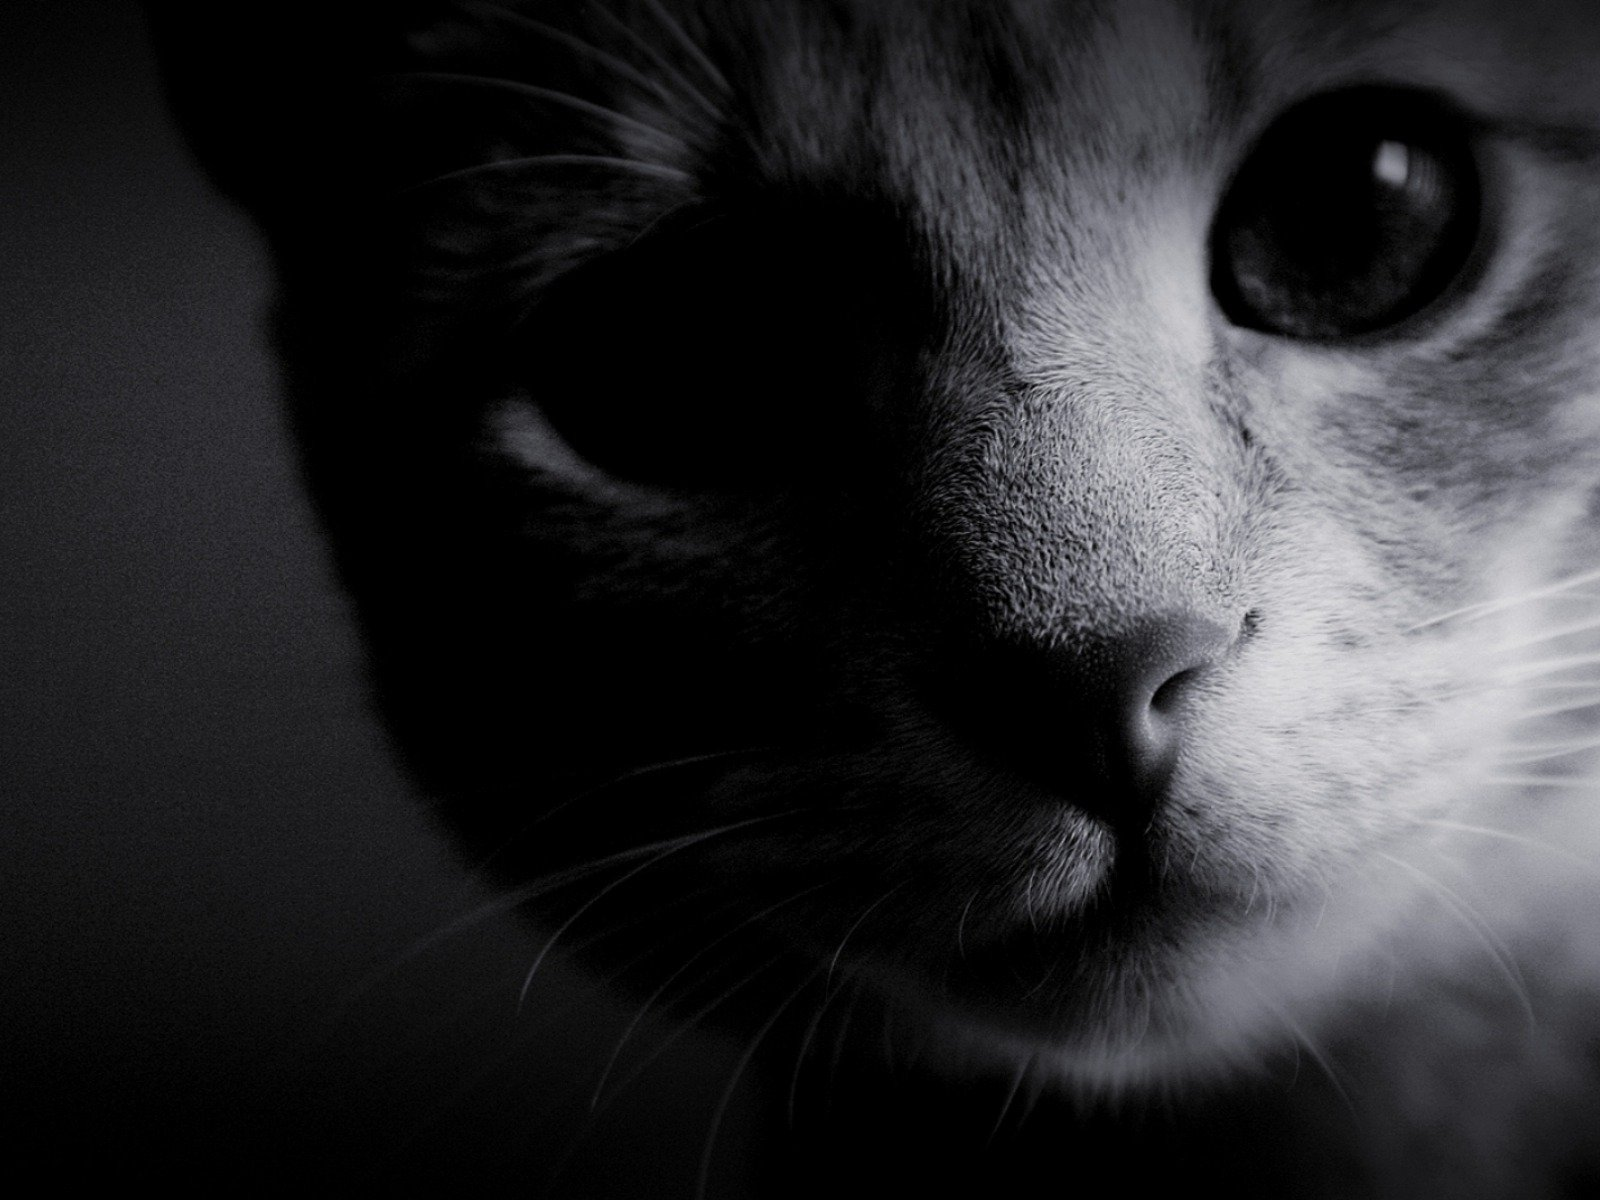 La visión de los gatos. MundoGatos.com